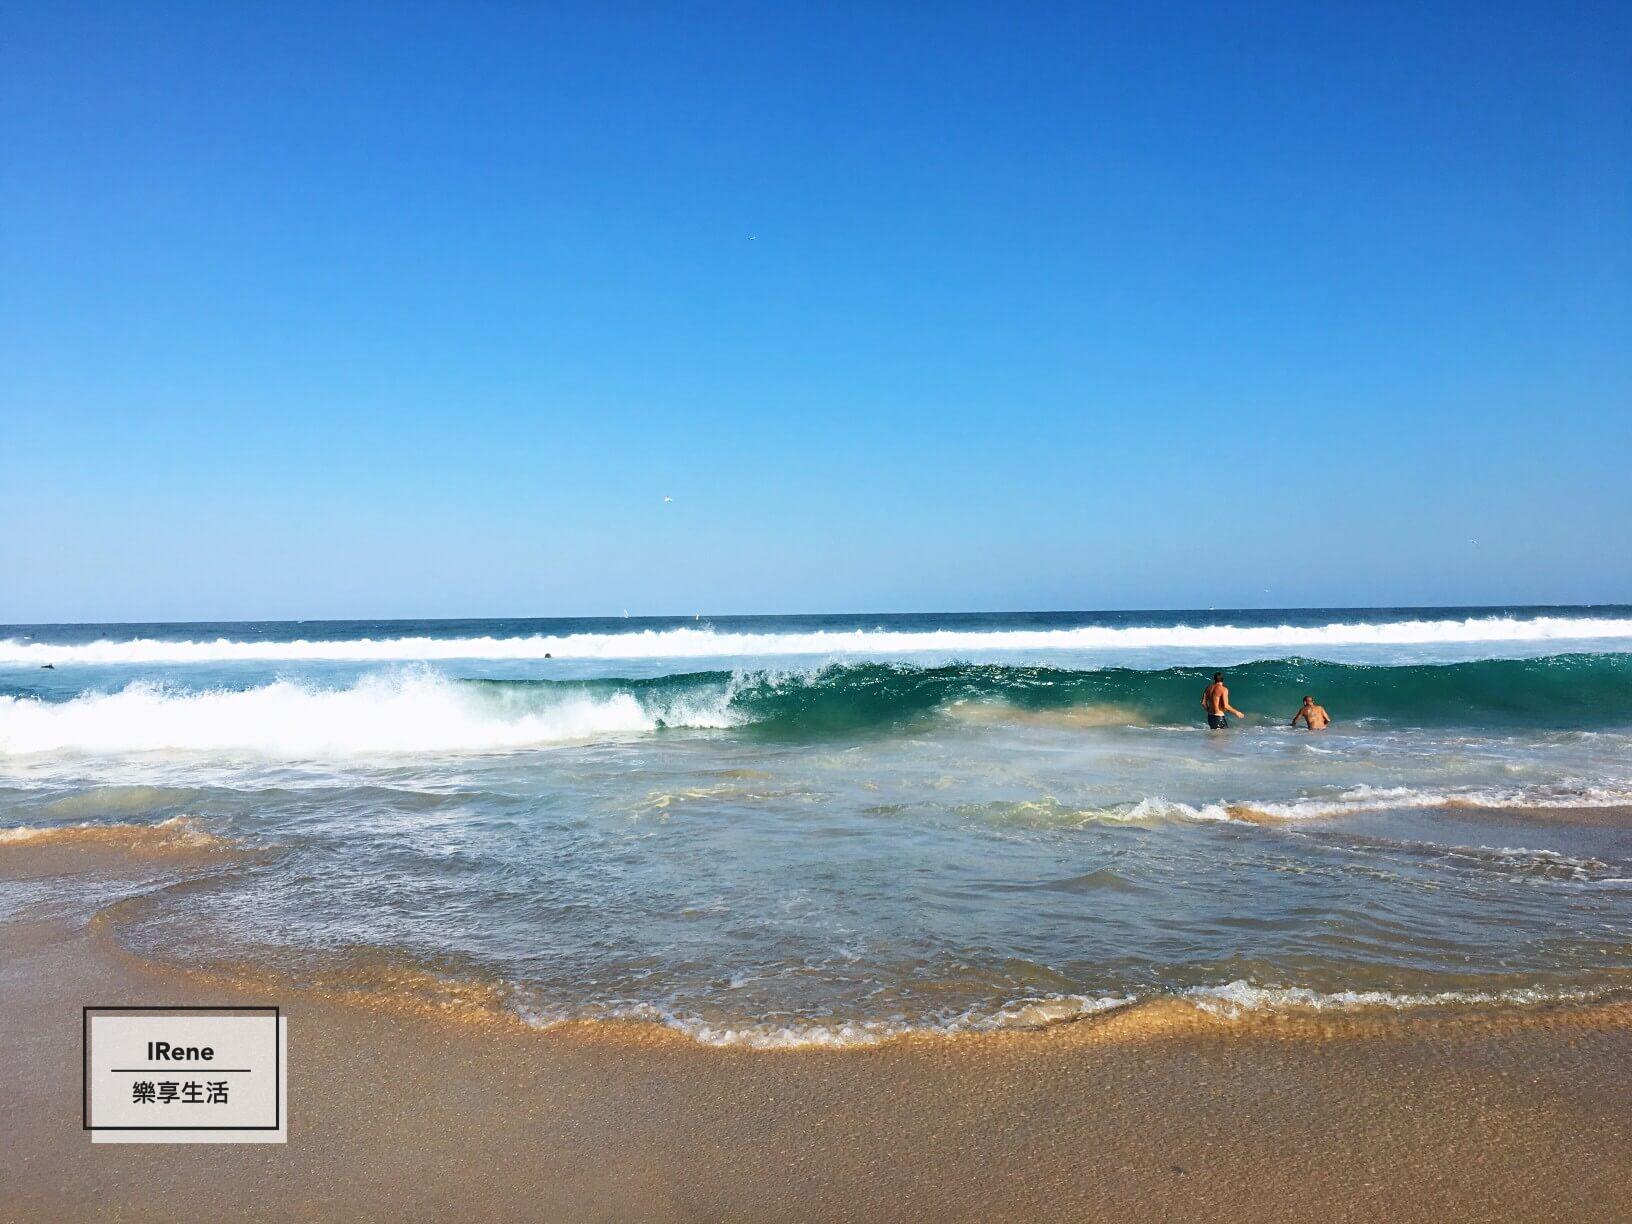 雪梨景點推薦- Bondi Beach 邦代海灘 邦迪海灘